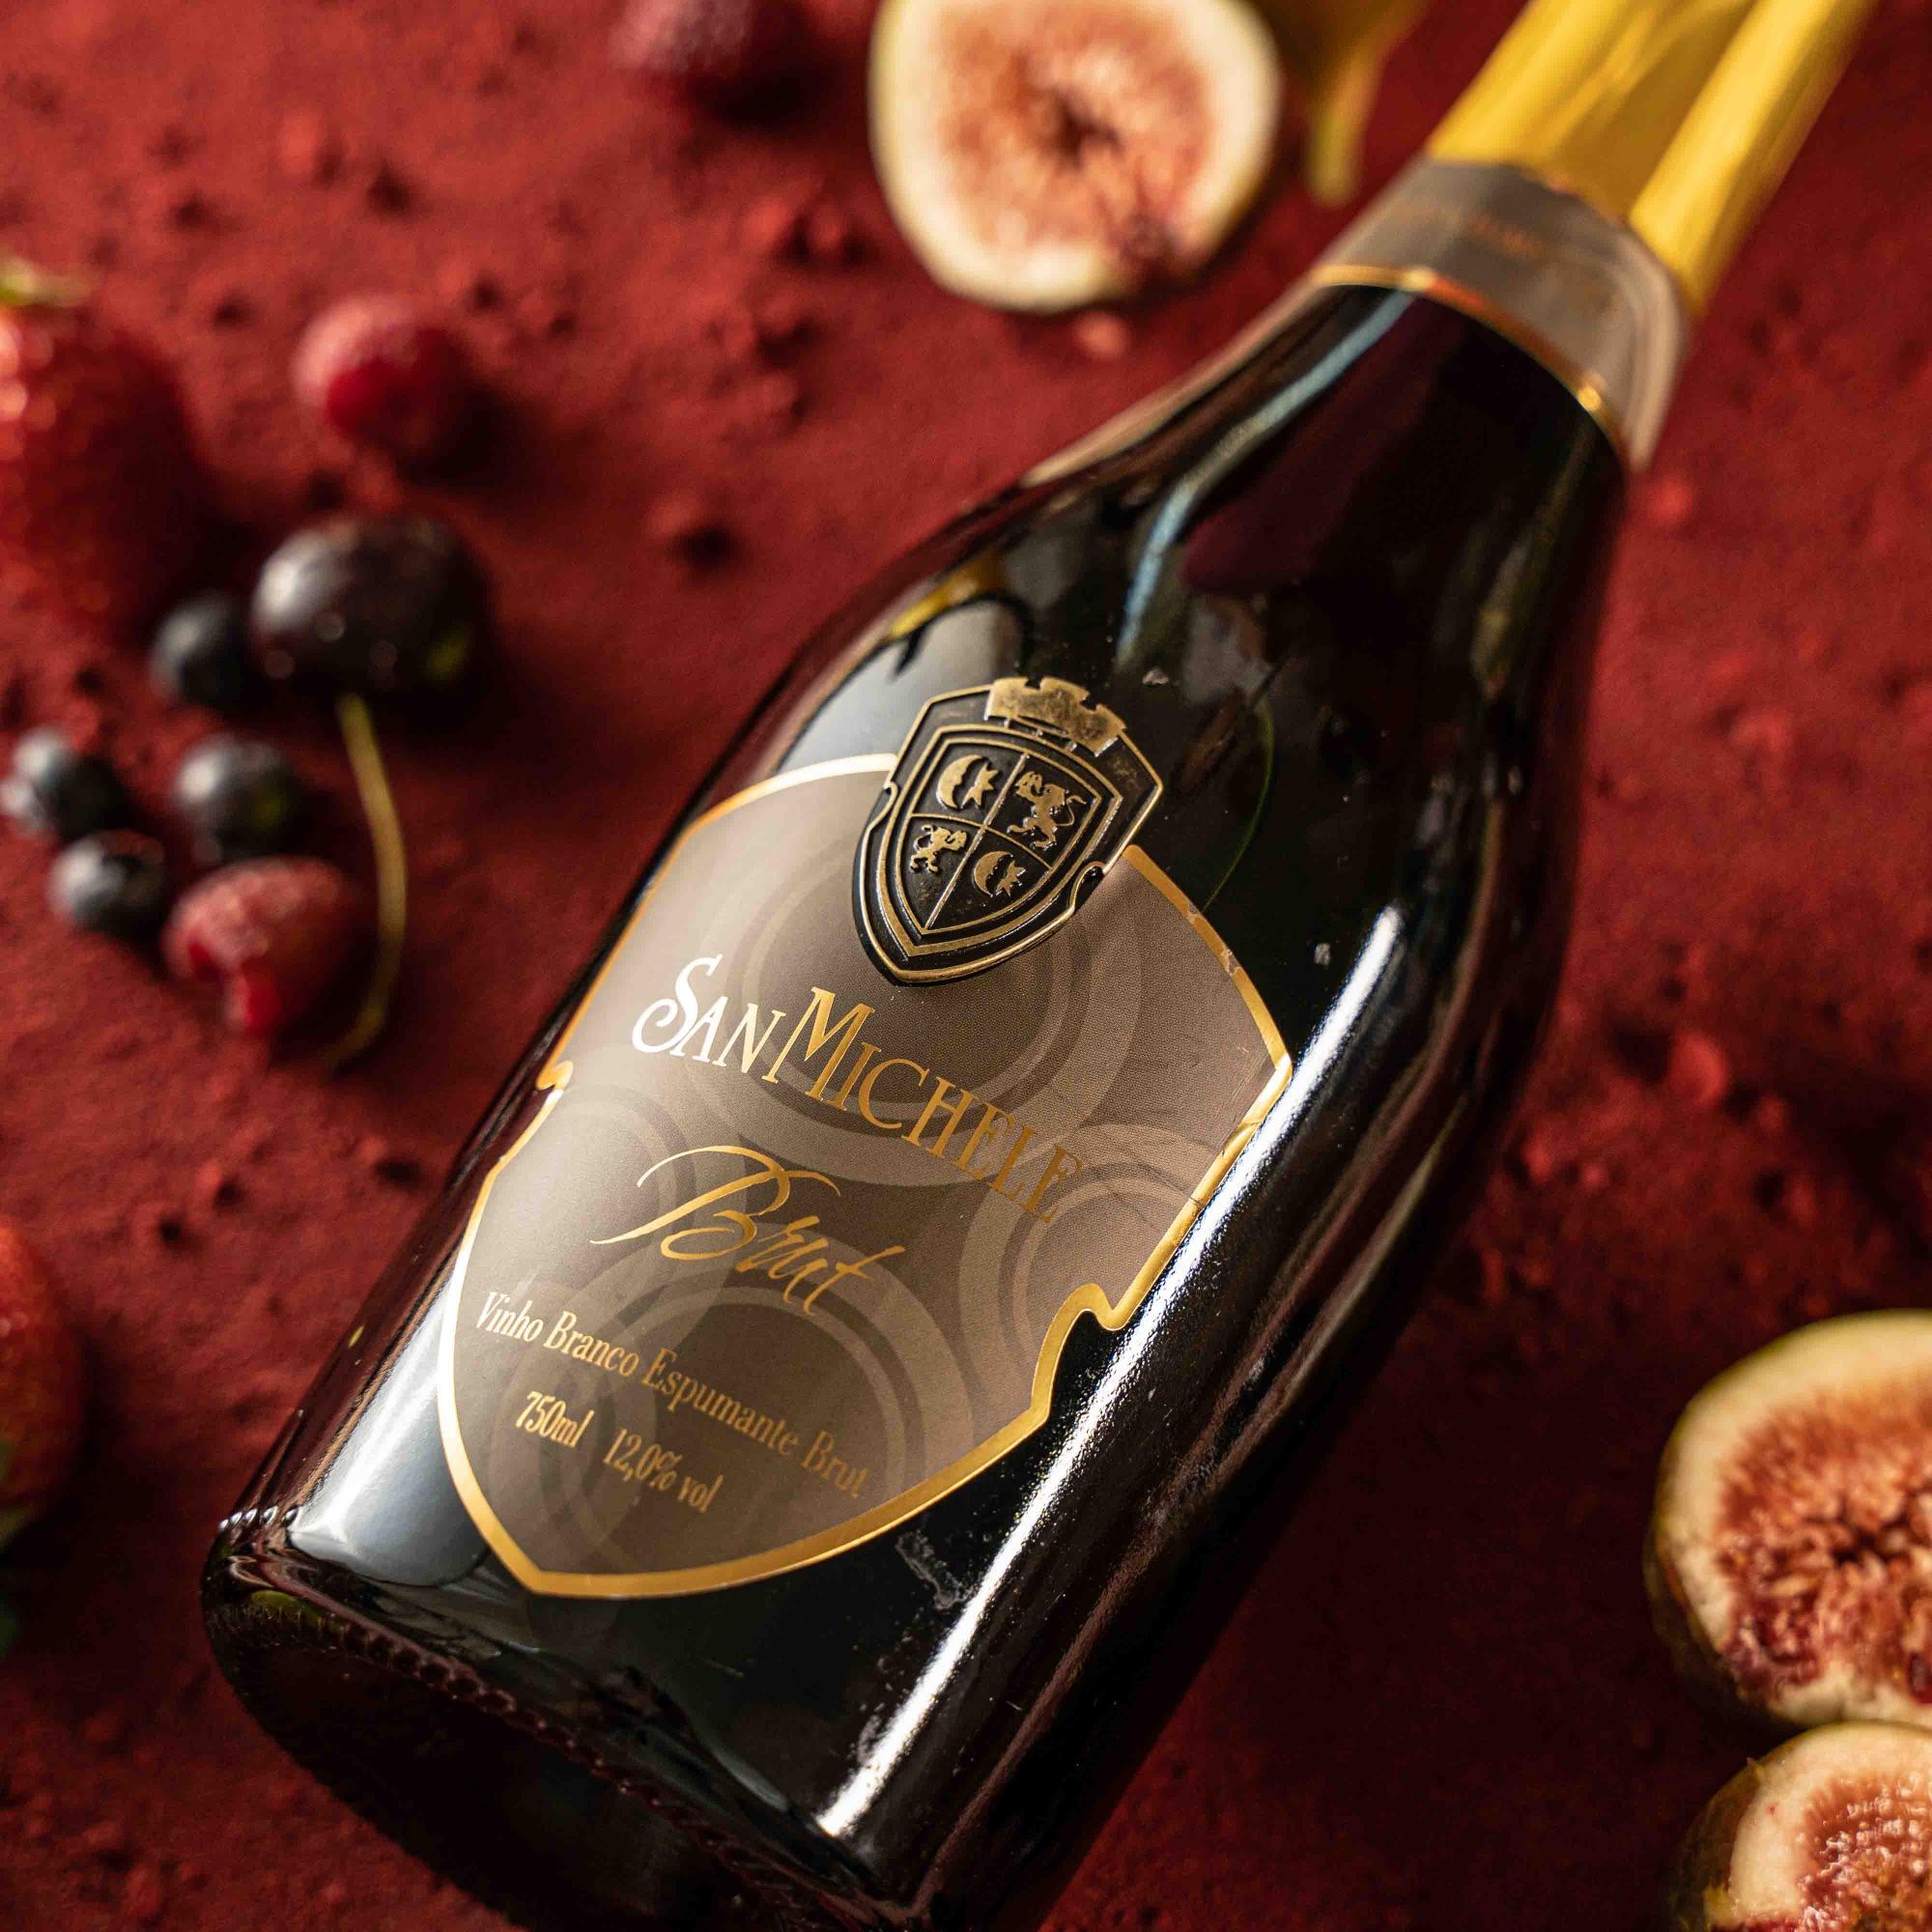 Espumante Brut 48 meses Champenoise - Vinícola San Michele